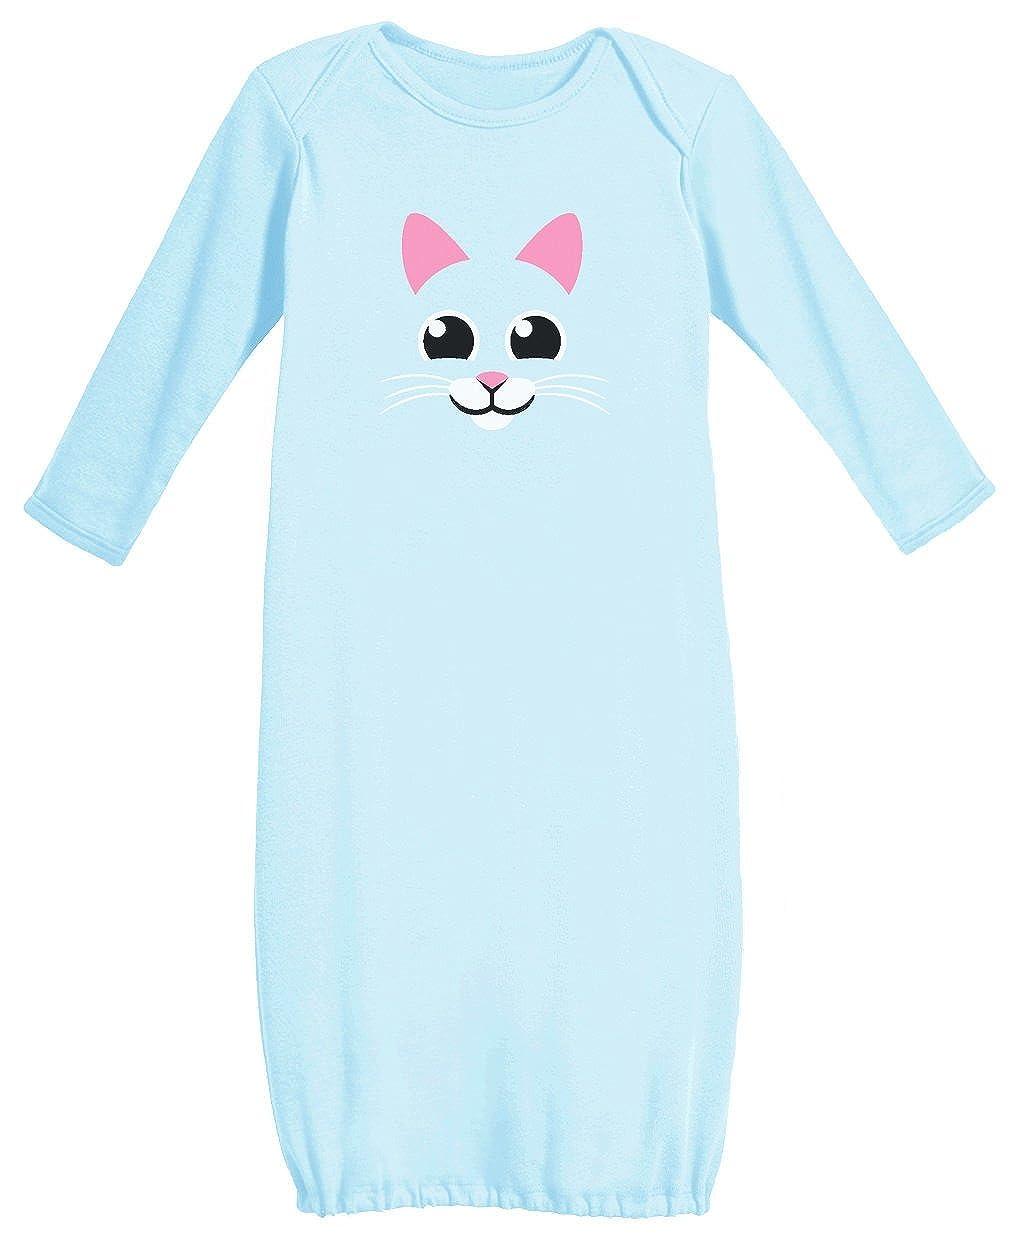 【10%OFF】 猫面 猫面 – My ライトブルー Little Kitty Newborn Nightガウン幼児かわいいベビー長袖ガウン Newborn ライトブルー B01CJYBDHI, ツナンマチ:f448bf63 --- a0267596.xsph.ru